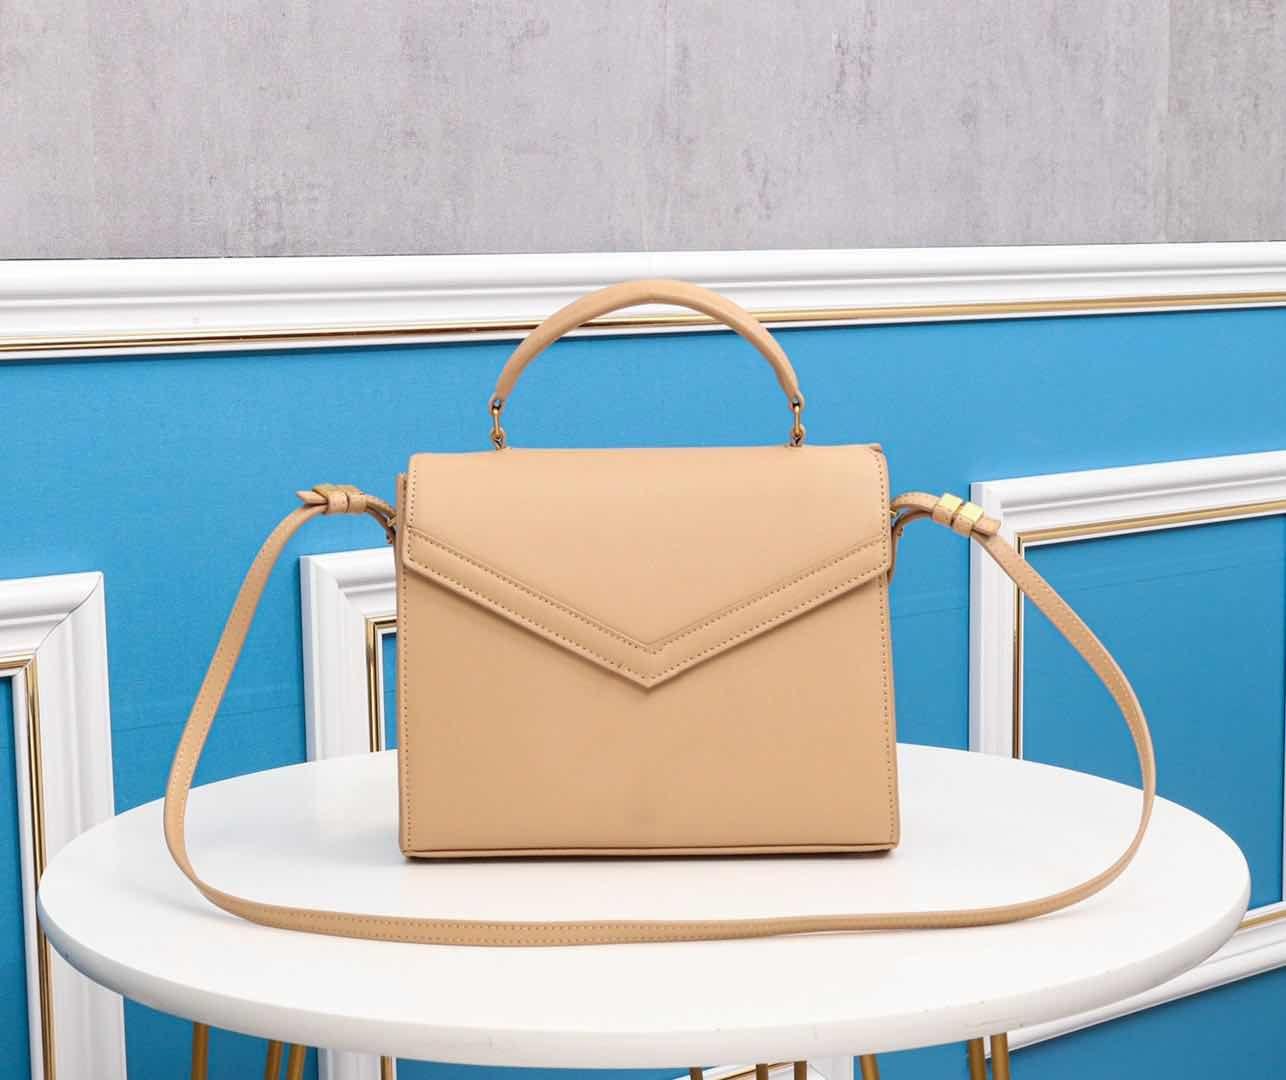 Hot nouveau sac à bandoulière style sac à main sacs à main sac à bandoulière en cuir caviar rotation design boucle en métal